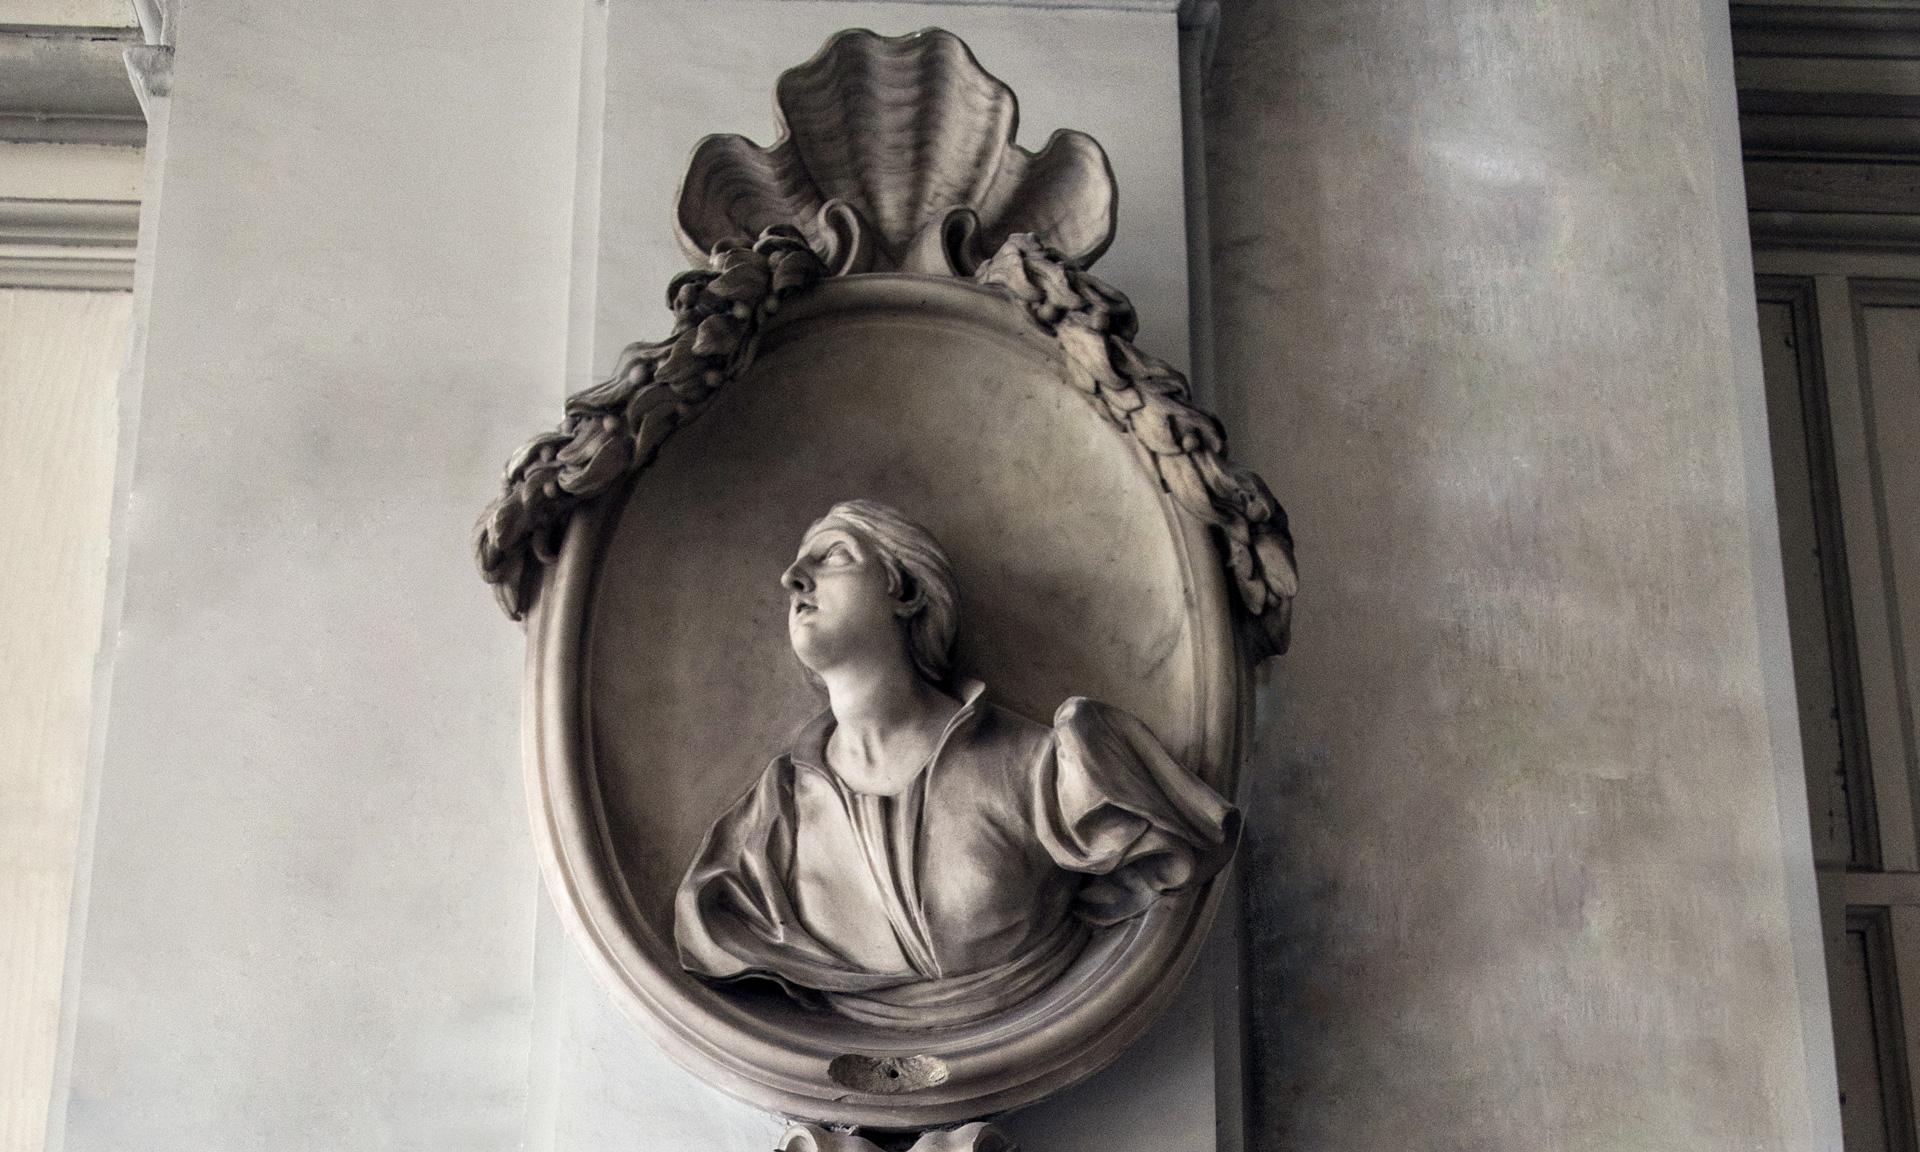 statue_lavinia-centuriona-grimaldae_01 - Albergo dei Poveri Genova